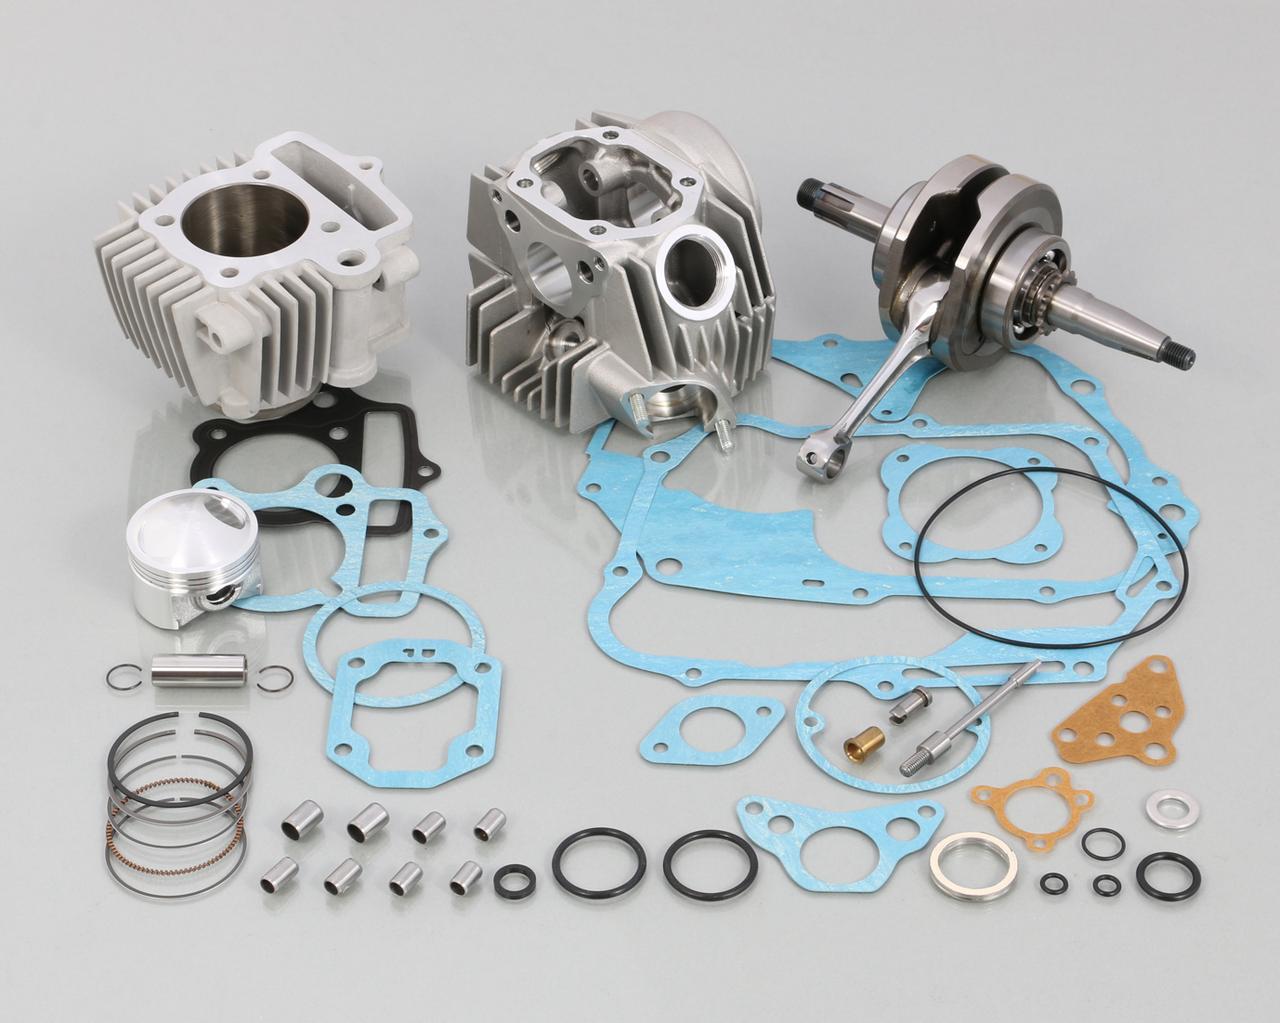 画像: 108cc スタンダード ボアアップ KIT タイプ 2 (硬質メッキ)